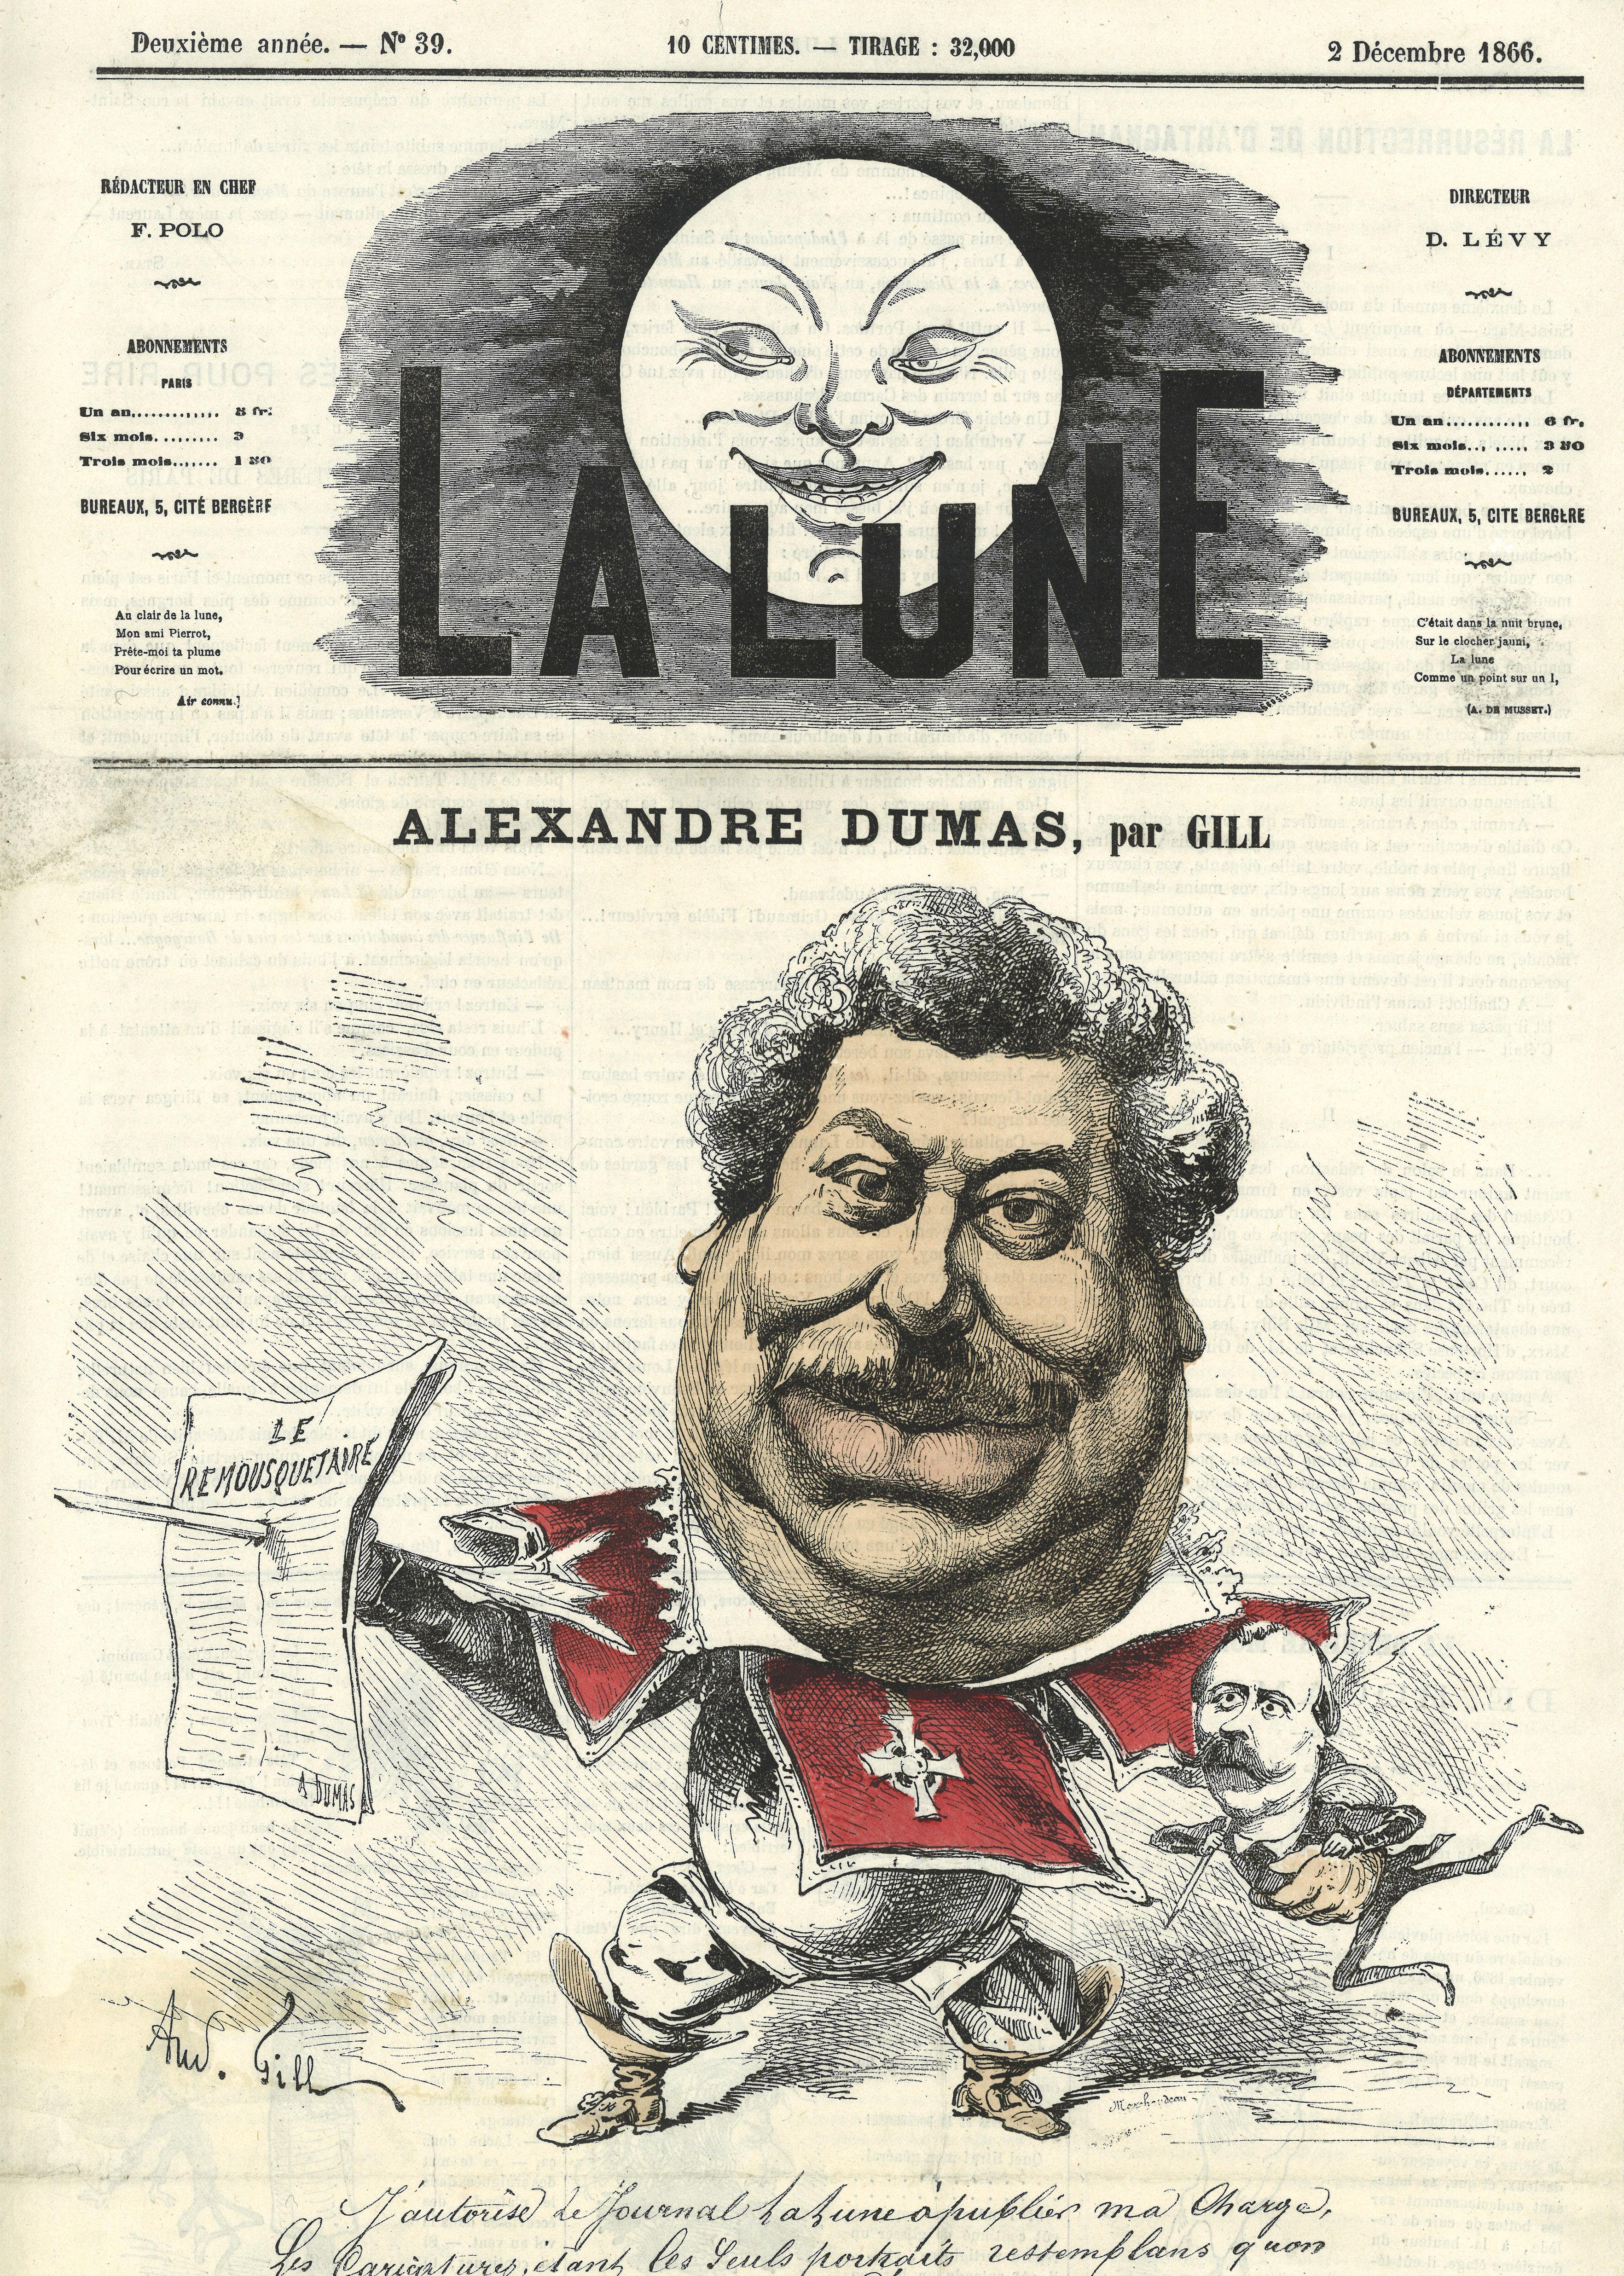 02-alexandre-dumas-caricature-par-gill-dans-la-lune-n-macr-39-1866